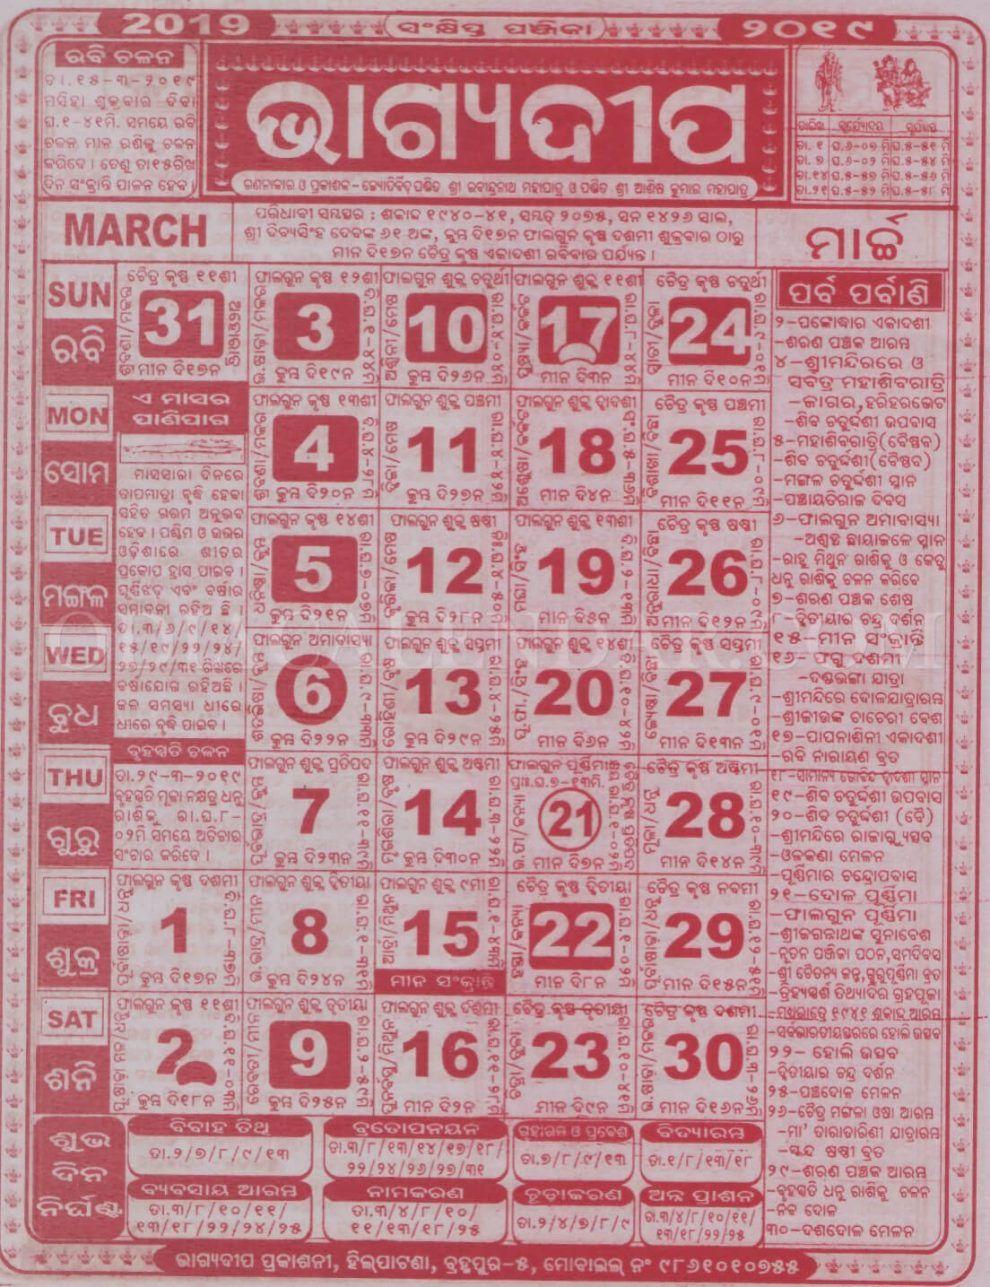 Bhagyadeep Odia Calendar 2019 – Free Odia Panjika (App Book for Odia Calendar February 2020